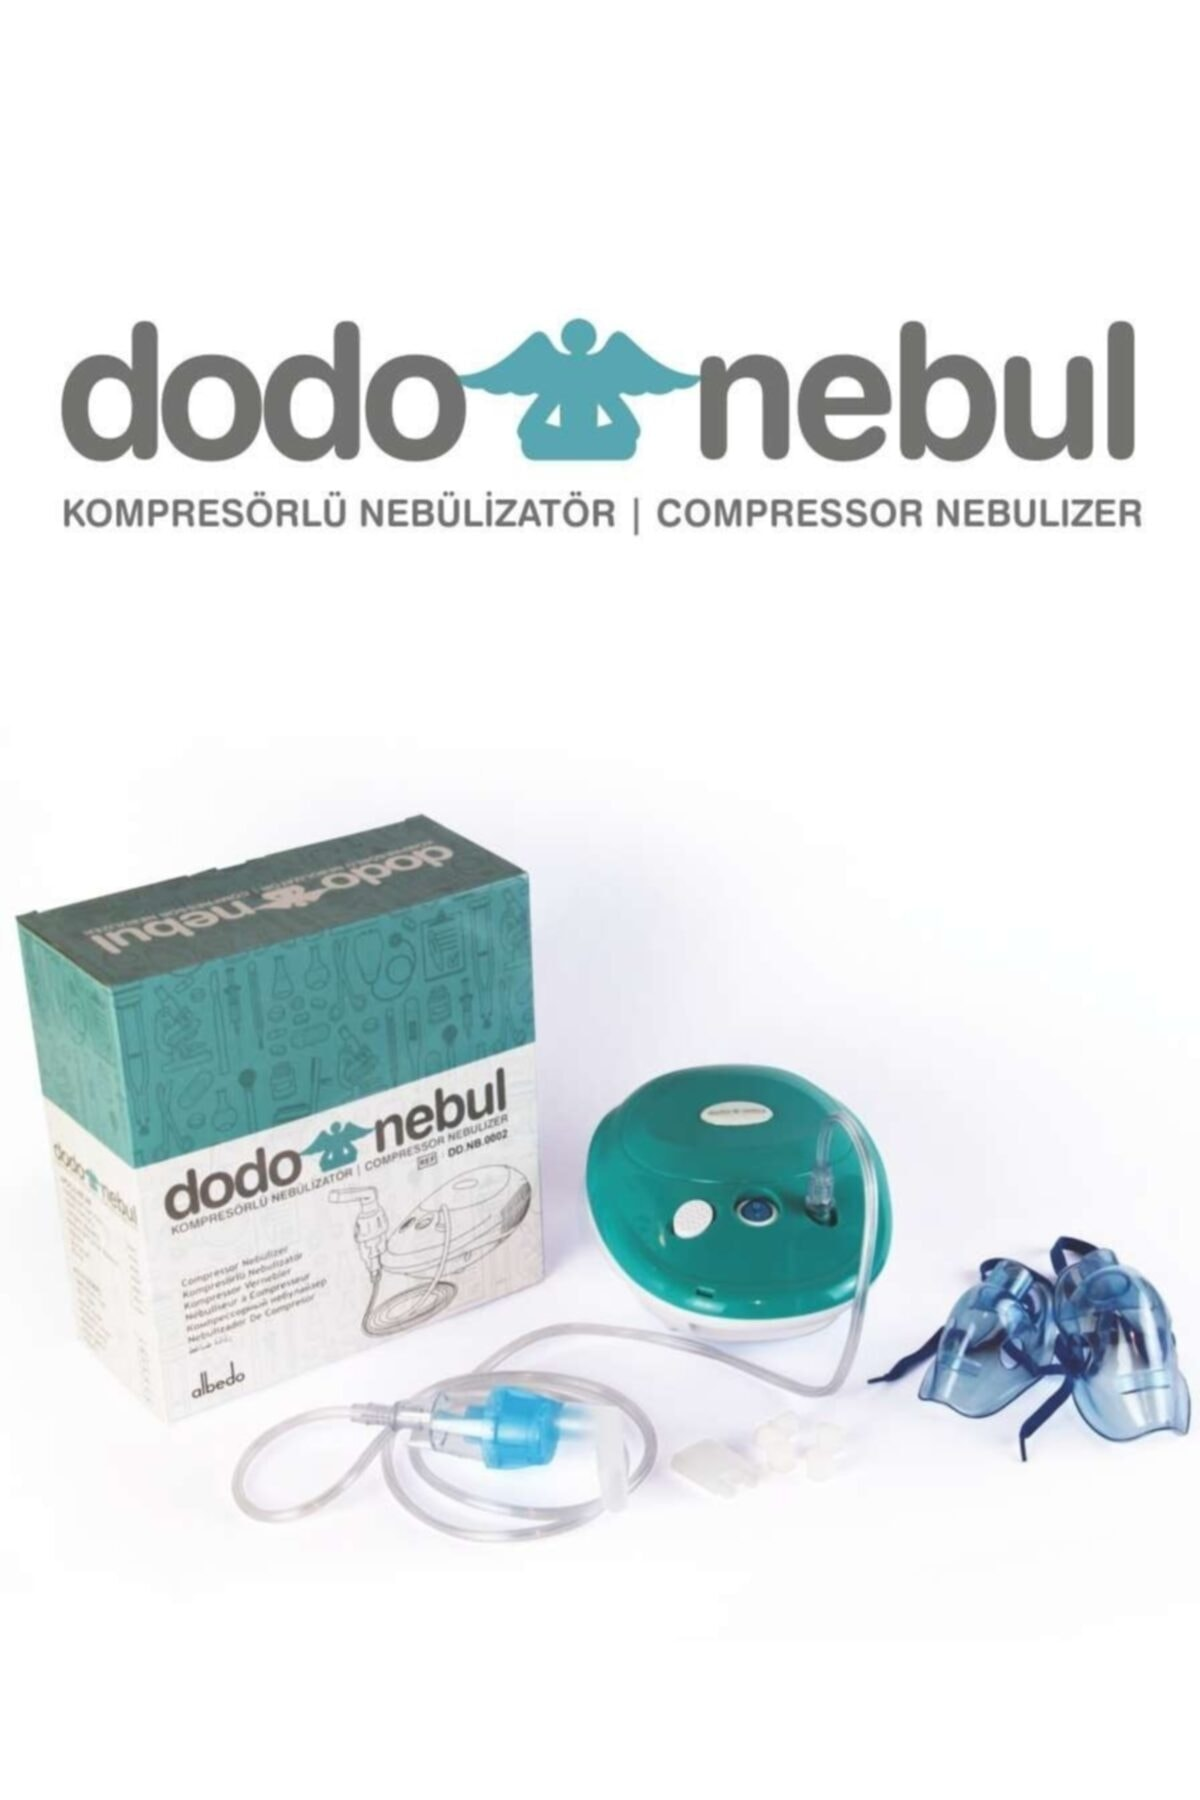 Dodo Sessiz Çalışan Kompresörlü Nebulizatör Cihazı 2